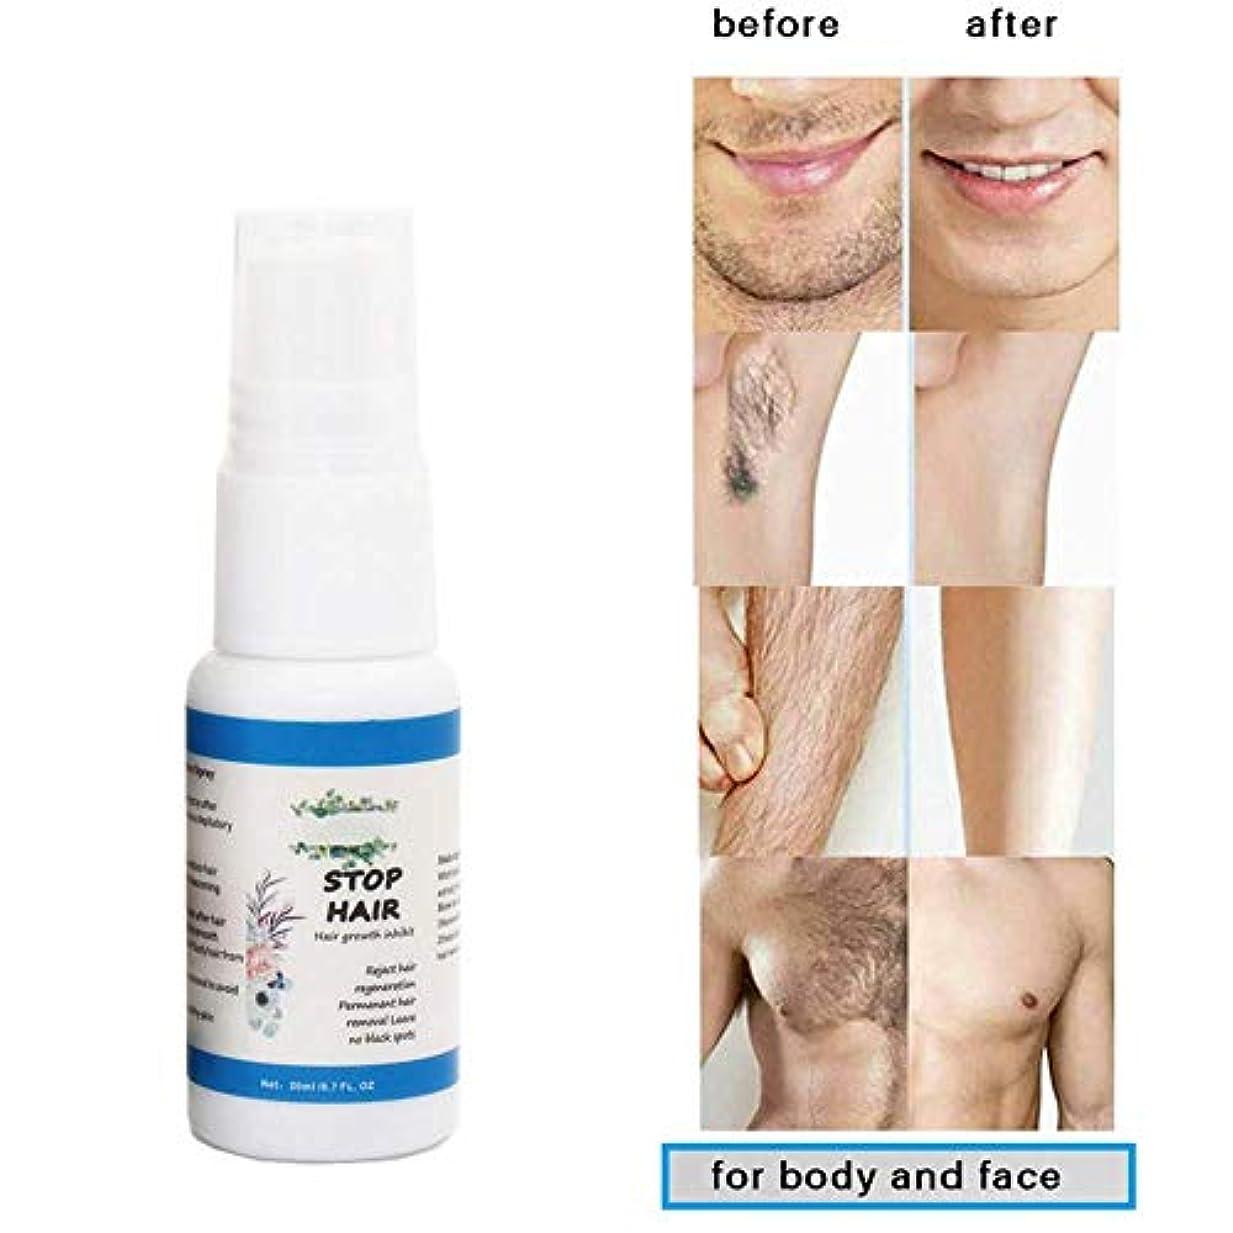 広がり活発スペシャリスト脱毛スプレー阻害剤発毛血清発毛除去を防ぎます修理脱毛剤製品ナチュラル非刺激栄養毛穴シュリンク20ml